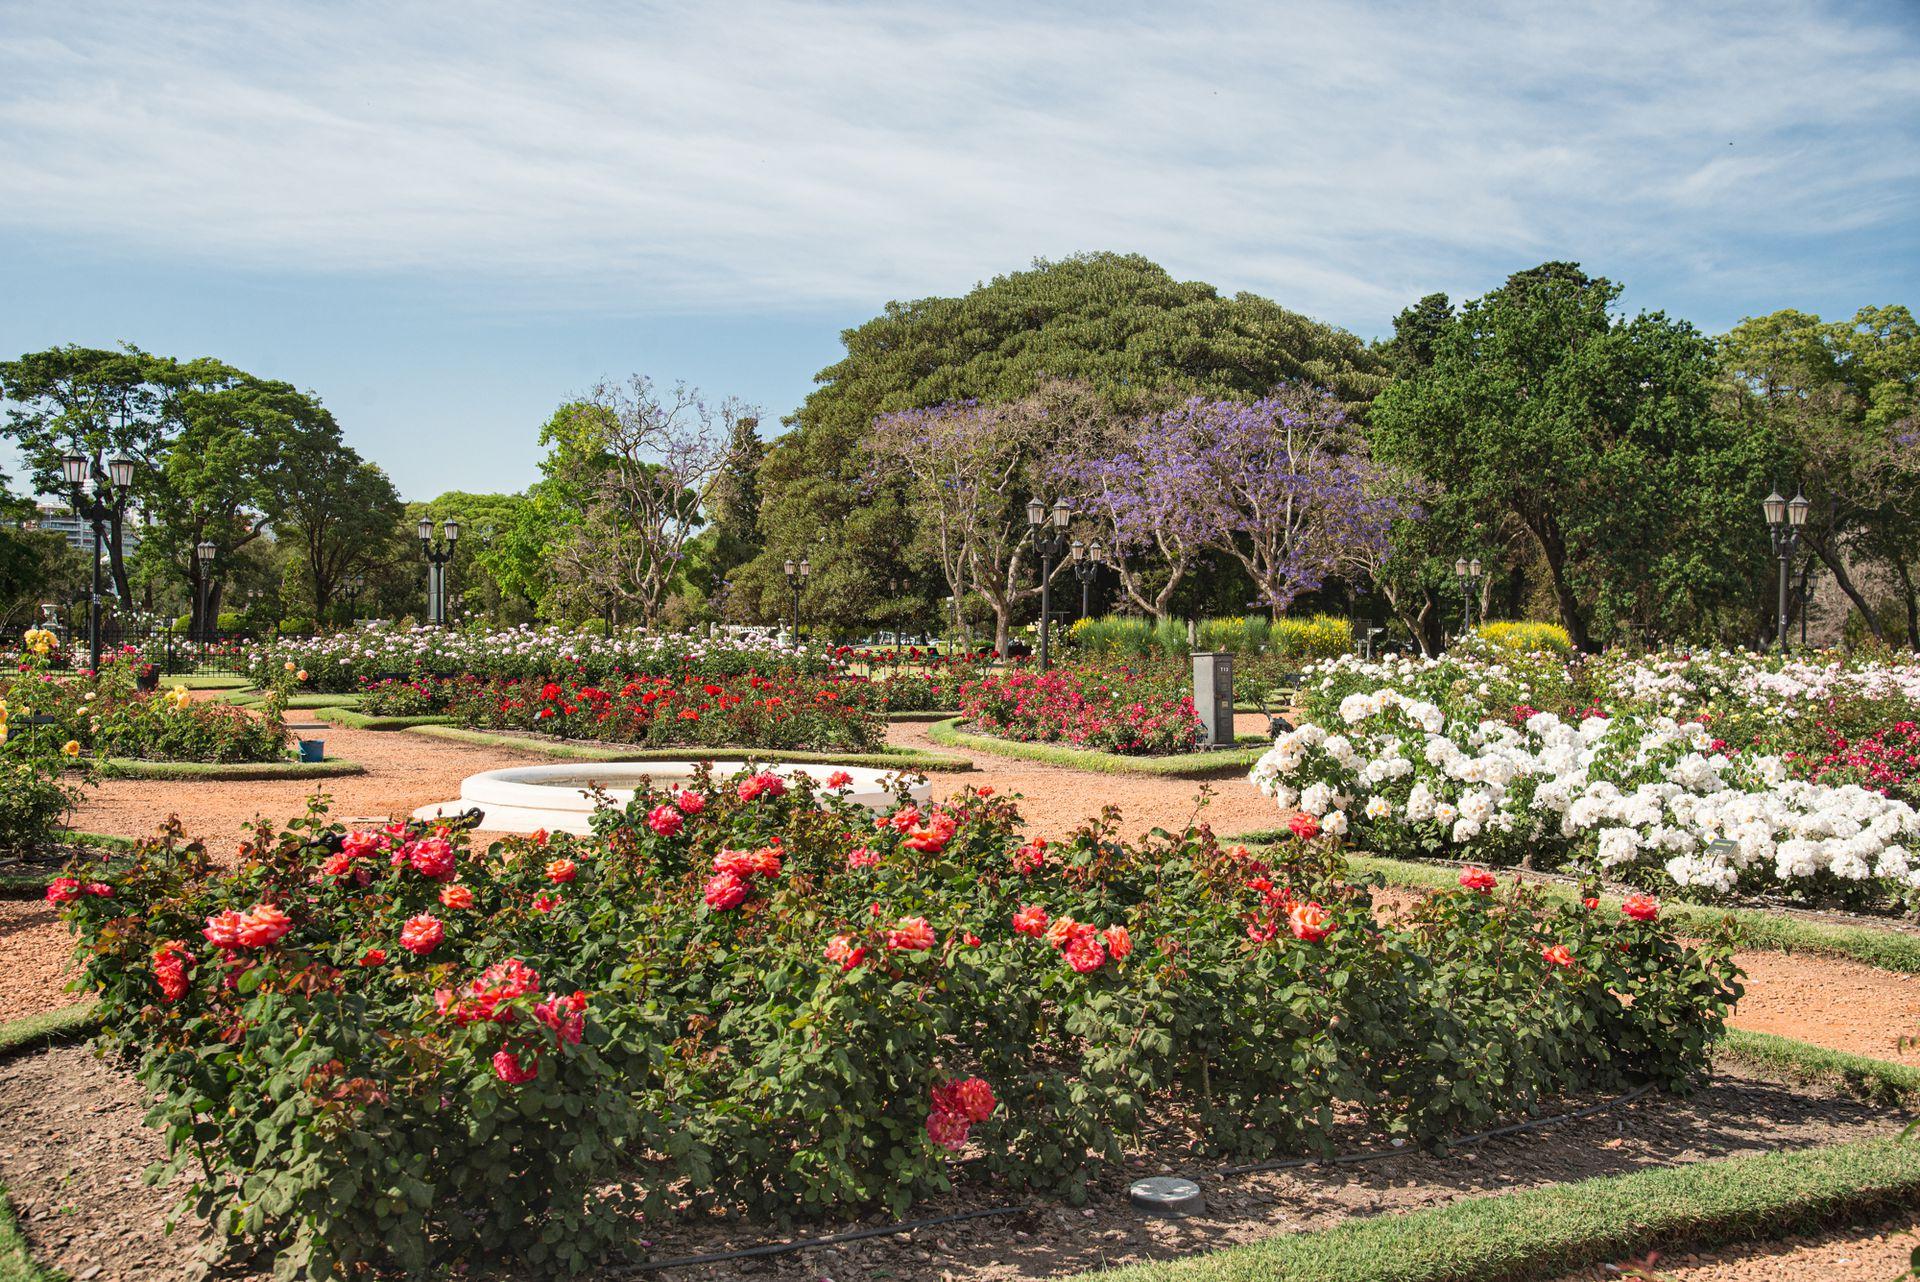 El Rosedal de Palermo alberga gran variedad de Rosas Modernas, aproximadamente 8.000 ejemplares, entre rosas Trepadoras, Arbustivas, Híbridos de Té, Floribundas y algunas Rosas Antiguas. Una combinación  de perfumes y colores atrae a fanáticos de estas flores.